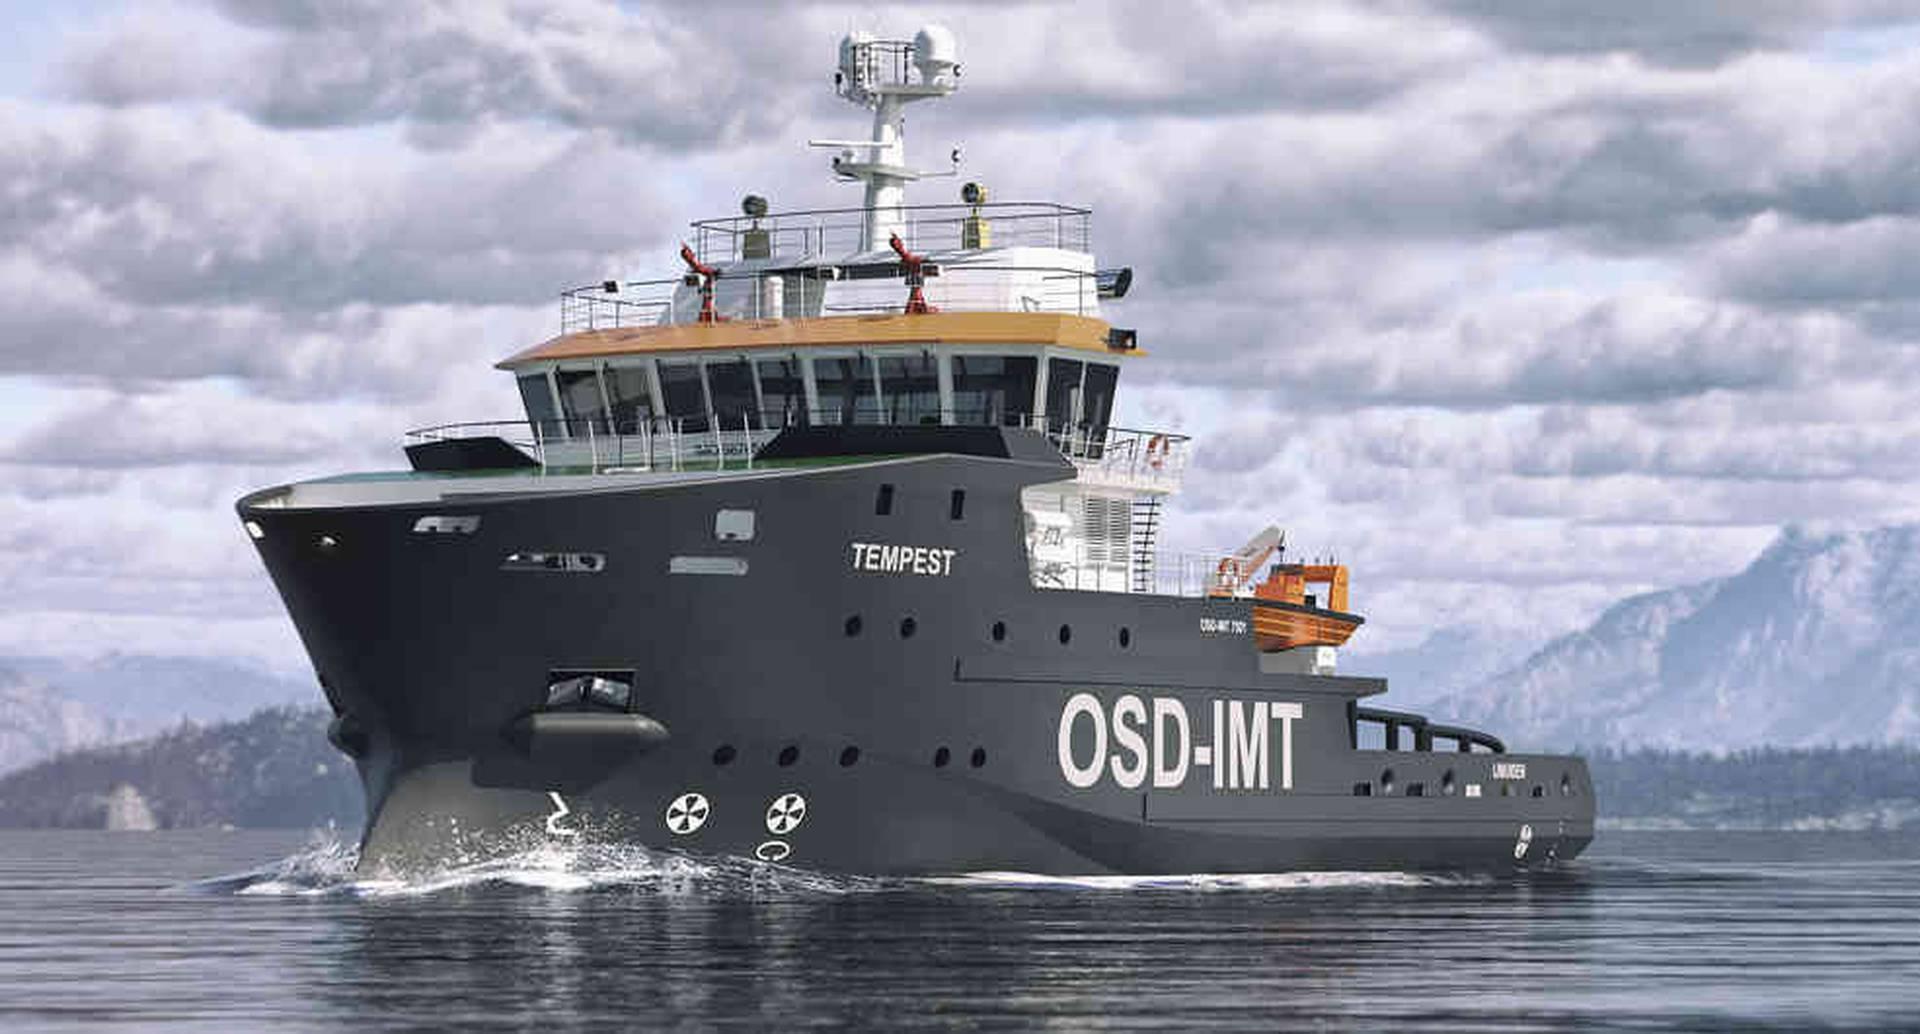 Muchos de los barcos que transitan hoy por los mares y océanos del mundo son diseñados primero en papel.